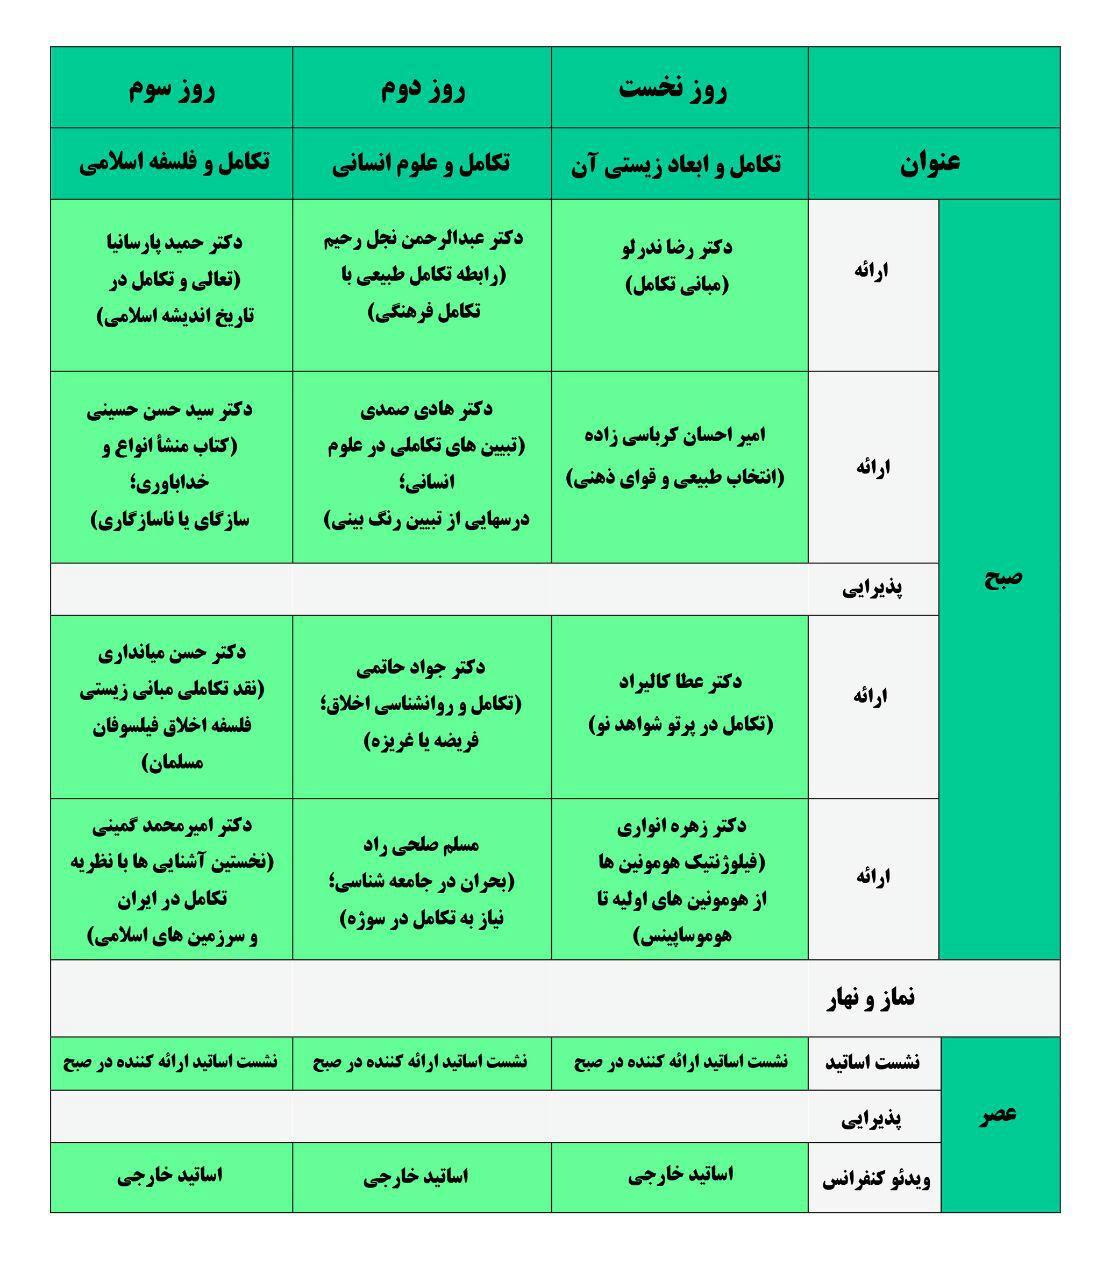 برنامه فارسی مدرسه تابستانی تکامل دانشگاه صنعتی شریف